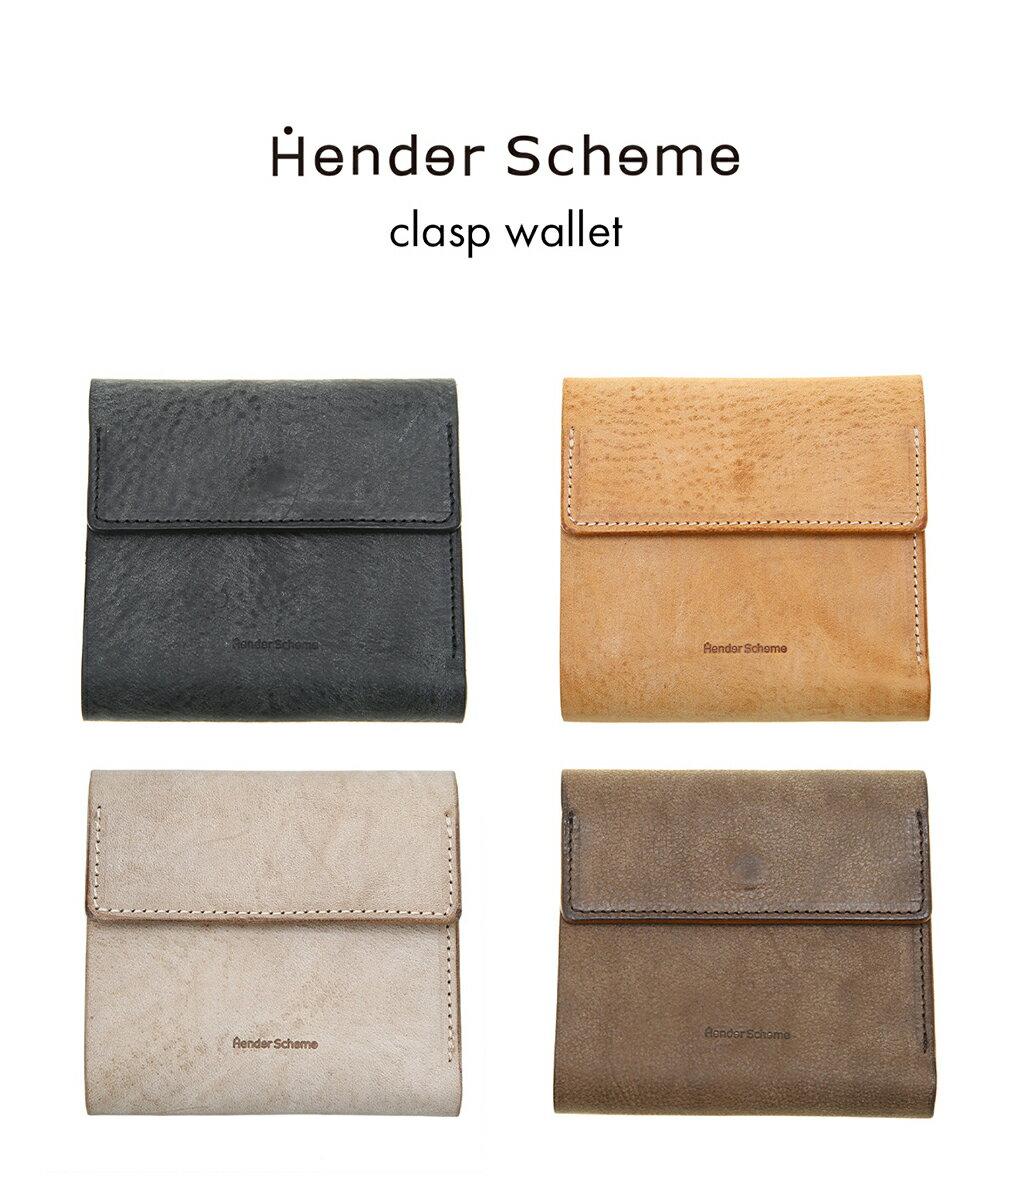 財布・ケース, メンズ財布 Hender Scheme : clasp wallet 4 : : li-rc-clw RIPANNBJB